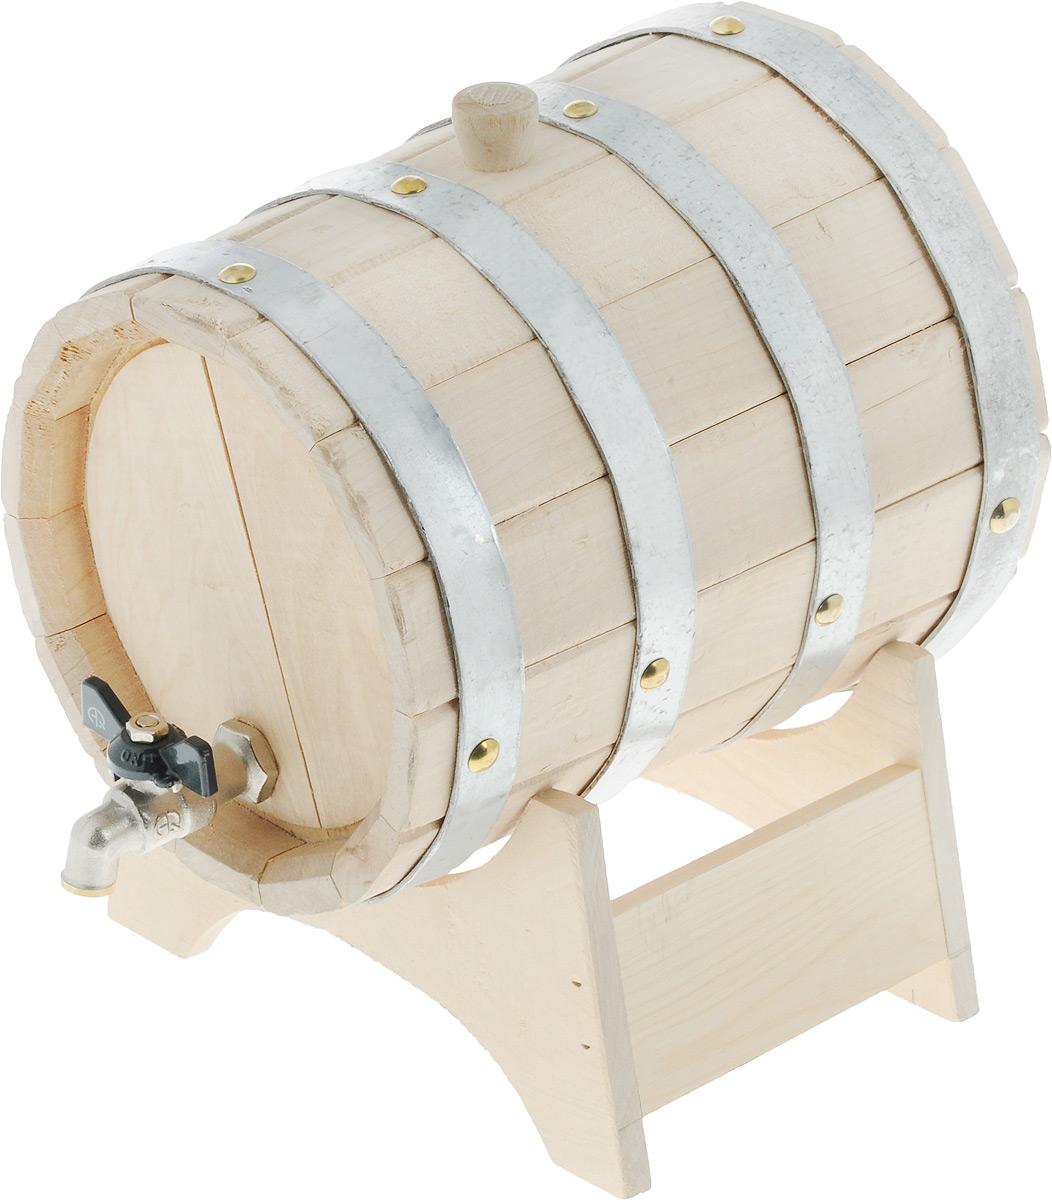 Бочонок для бани и сауны Proffi Home, на подставке, 3 л531-301Бочонок Proffi Home изготовлен из березы. Он прекрасно впишется своим дизайном в интерьер.Березовый бочонок является одним из лучших среди бондарных изделий для использования в бане или сауне. Корпус бочонка стянут металлическими обручами с клепками. Для более удобного использования изделие имеет краник и подставку. Главное достоинство в том, что все полезные свойства остаются в сохранности.Эксплуатация бондарных изделий. Перед первым использованием бондарное изделие рекомендуется подготовить. Для этого нужно наполнить изделие холодной водой и оставить наполненным на 2-3 часа. Затем необходимо воду слить, обдать изделие сначала горячей, потом холодной водой. Не рекомендуется оставлять бондарные изделия около нагревательных приборов, а также под длительным воздействием прямых солнечных лучей.С момента начала использования бондарного изделия не рекомендуется оставлять его без воды на срок более 1 недели. Но и продолжительное время хранить в таких изделиях воду тоже не следует.После каждого использования необходимо вымыть и ошпарить изделие кипятком. В качестве моющих средств желательно использовать пищевую соду либо раствор горчичного порошка.Правильное обращение с бондарными изделиями позволит надолго сохранить их эксплуатационные свойства и продлить срок использования! Объем бочонка: 3 л. Диаметр бочонка (по верхнему краю): 17 см. Размер подставки: 21,5 х 14 х 11 см.